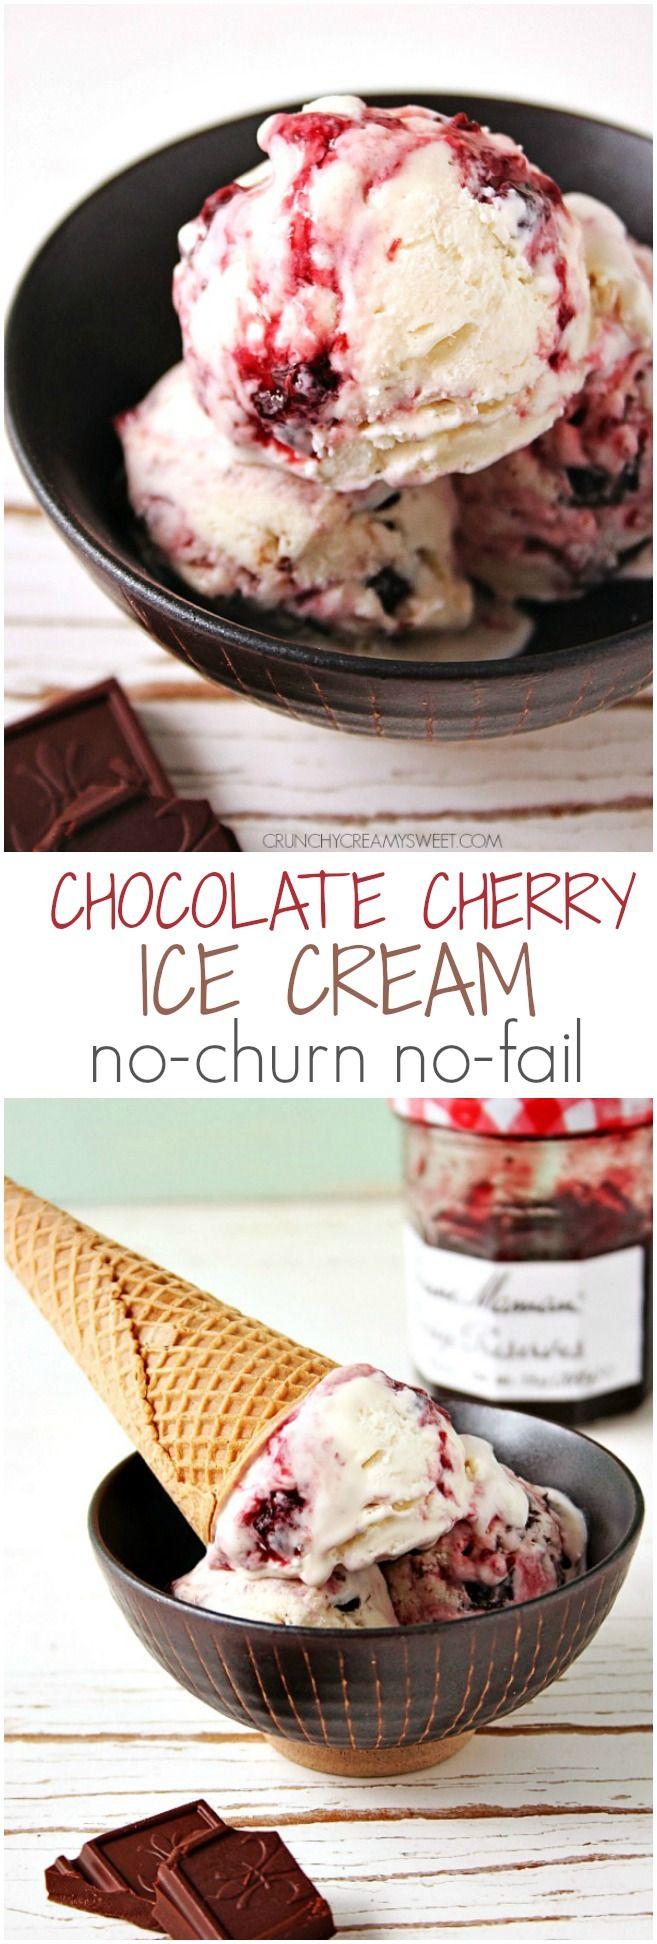 Chocolate Cherry Ice Cream – no-churn homemade ice cream recipe with a 2-ingredient vanilla base, cherry preserves swirl and dark chocolate chunks!